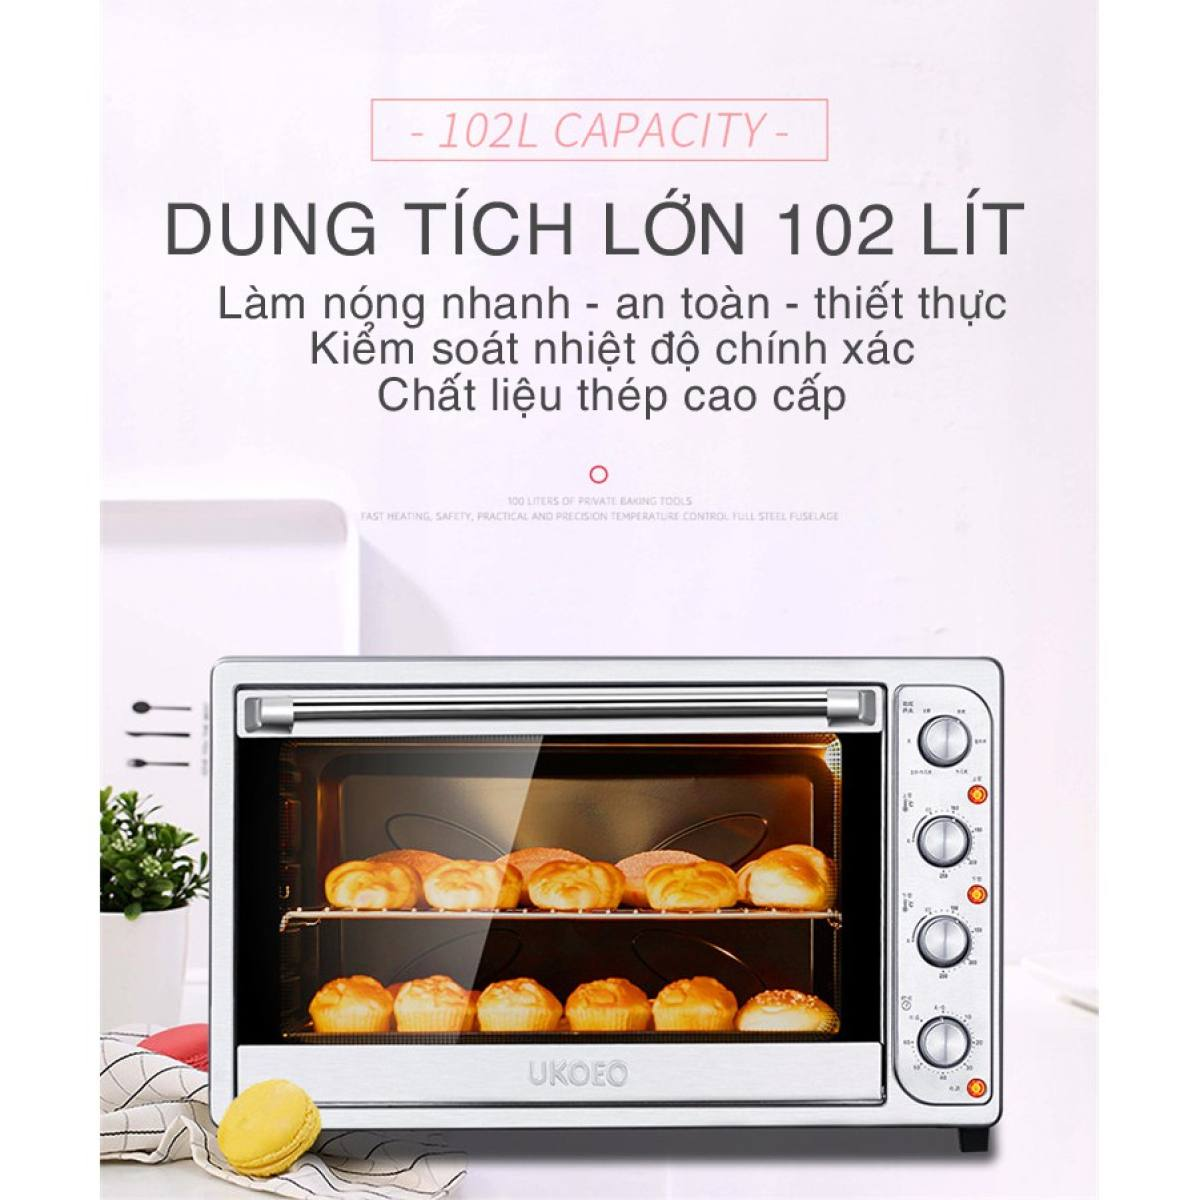 Lò nướng UKOEO 102 Lít- Lò nướng bánh công suất lớn tiện dụng cao cấp- có thể dùng nướng bánh, quay thịt,...